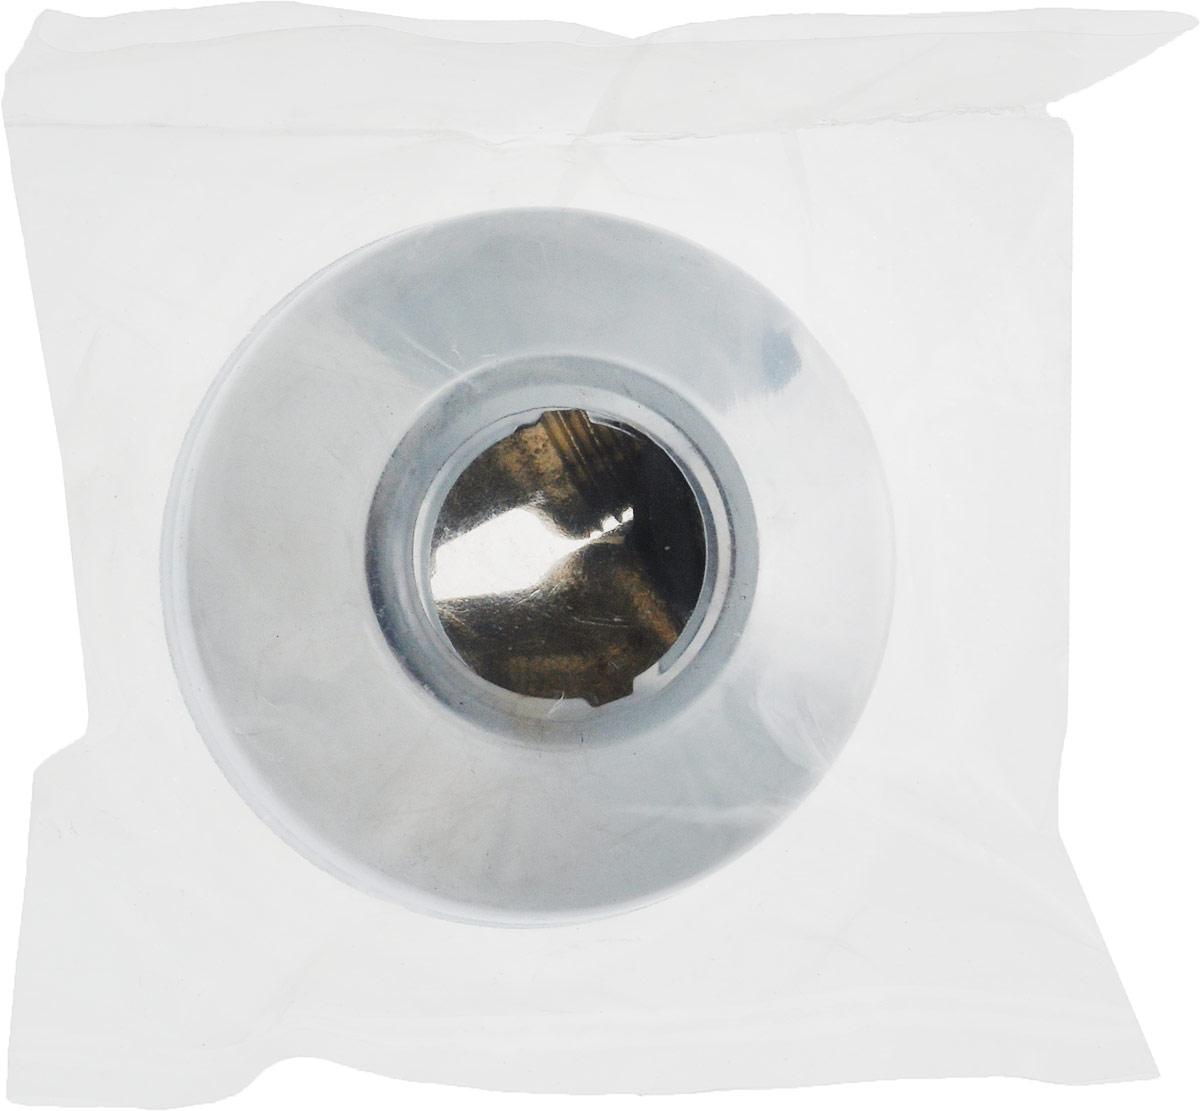 """Смеситель для ванны """"РМС"""" выполнен из латуни с хромированным покрытием. Латунные кранбуксы с керамическими пластинами поворачиваются на 180°. Смеситель снабжен шаровым переключением на душ, пластиковым аэратором, длинным поворотным изливом. В комплекте: эксцентрики, отражатели, металлический шланг для душа 1,5 м, лейка для душа."""